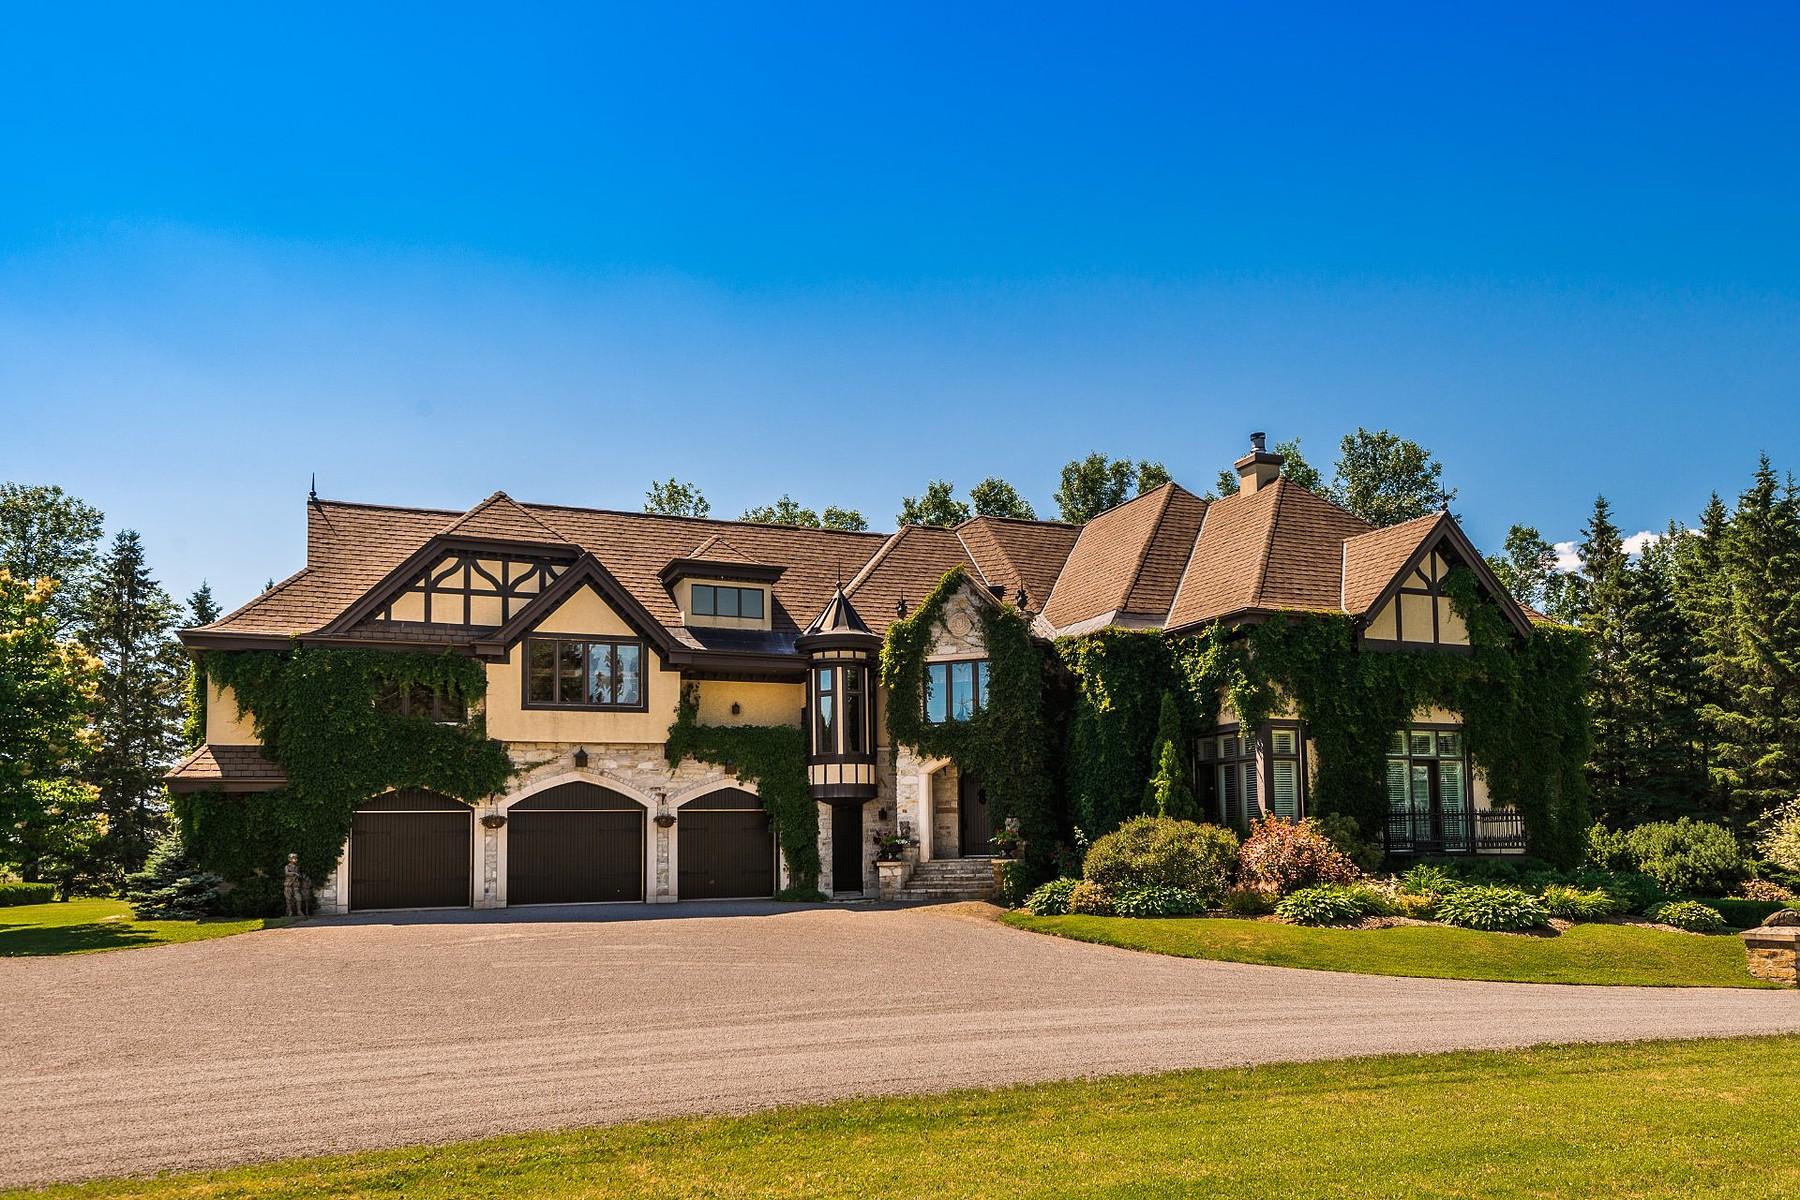 Single Family Home for Sale at Sainte-Marthe, Montérégie 155 Ch. St-Henri, Sainte-Marthe, Quebec, J0P1W0 Canada